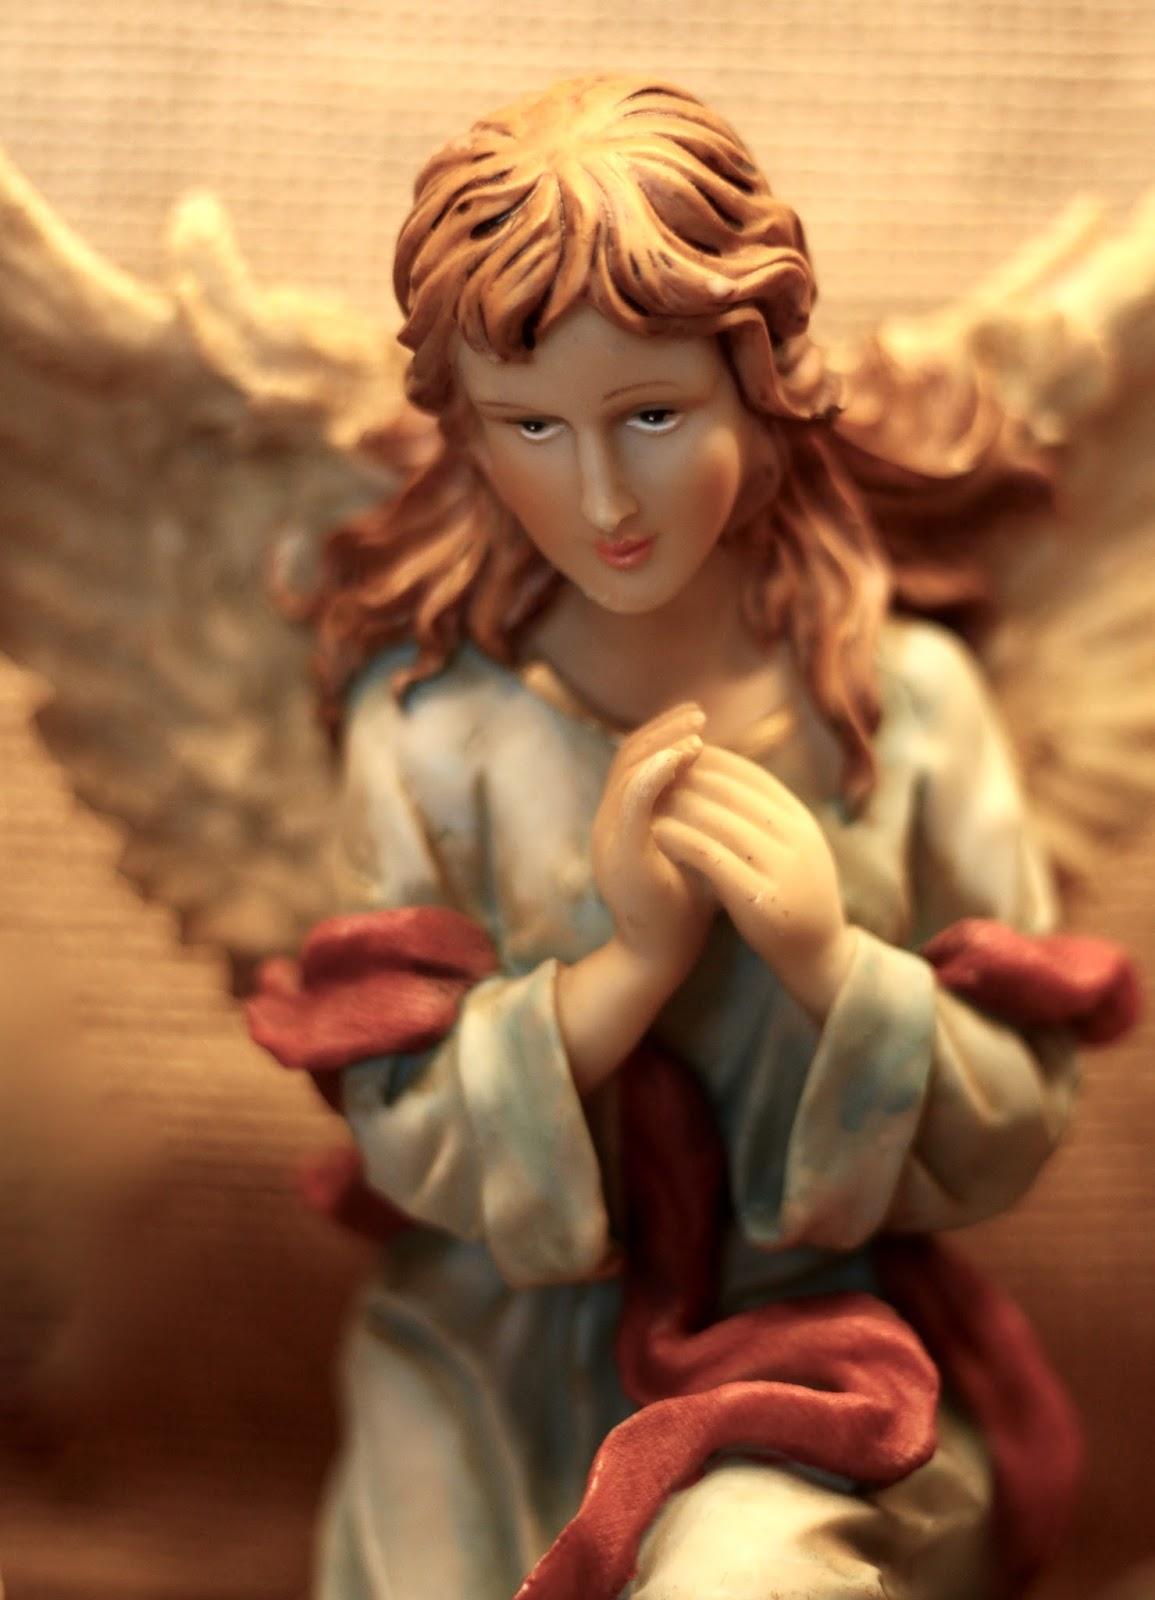 Selbst gebaute Weihnachtskrippe mit Figuren aus Polyresin oder Kunstharz: Engel